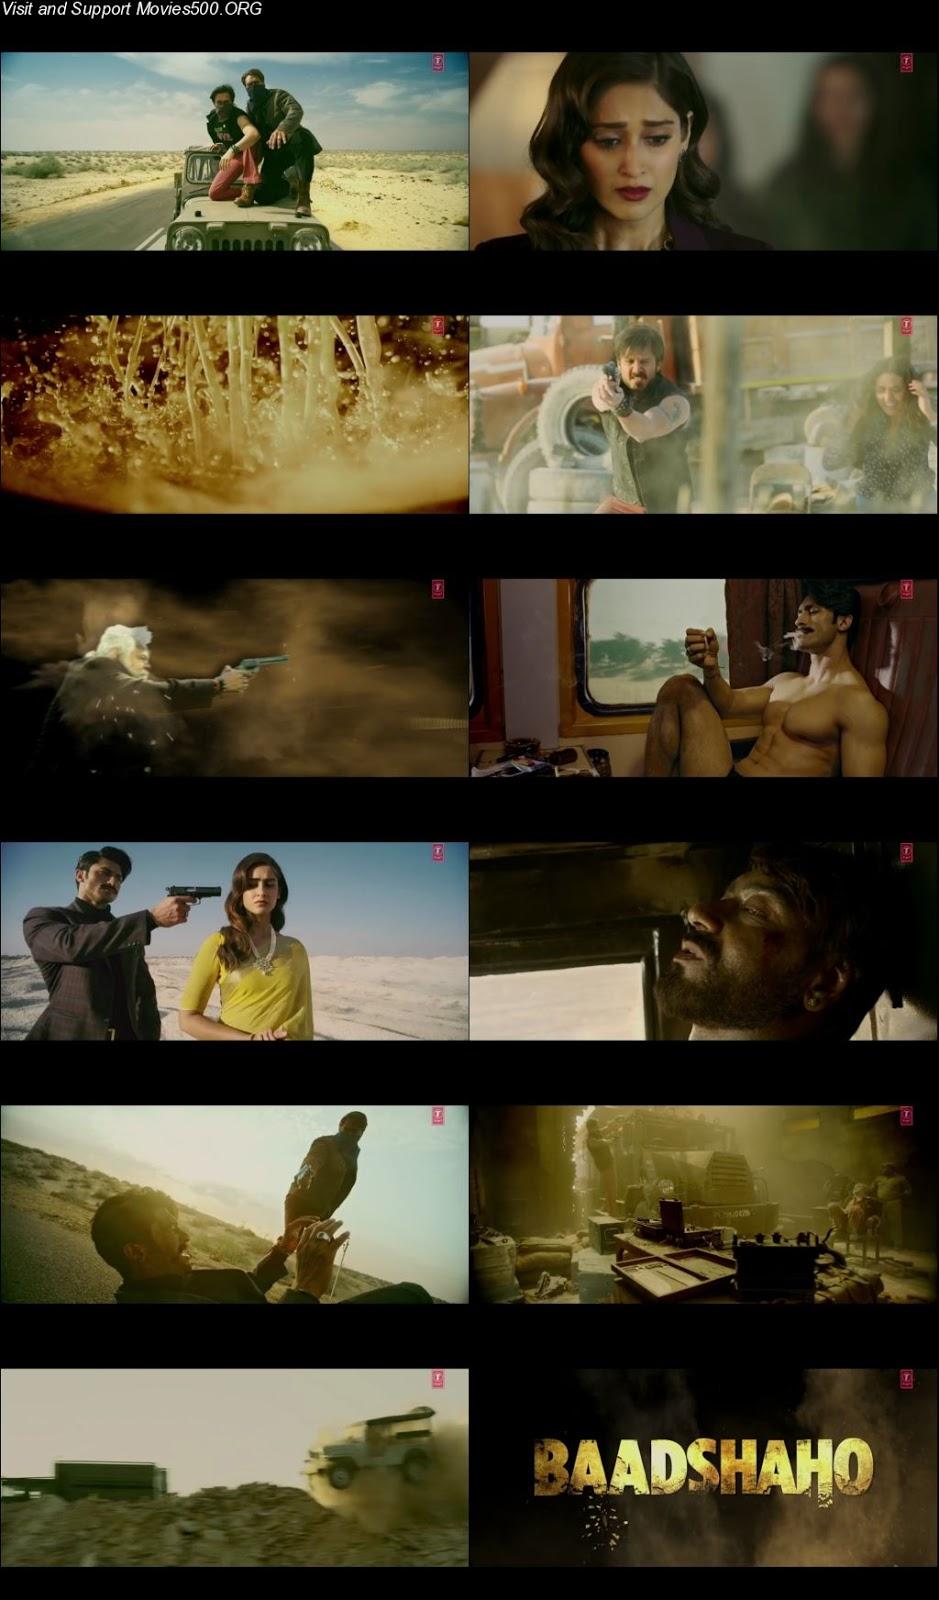 Baadshaho 2017 Hindi Movie Official Trailer Download HD 720P at newbtcbank.com